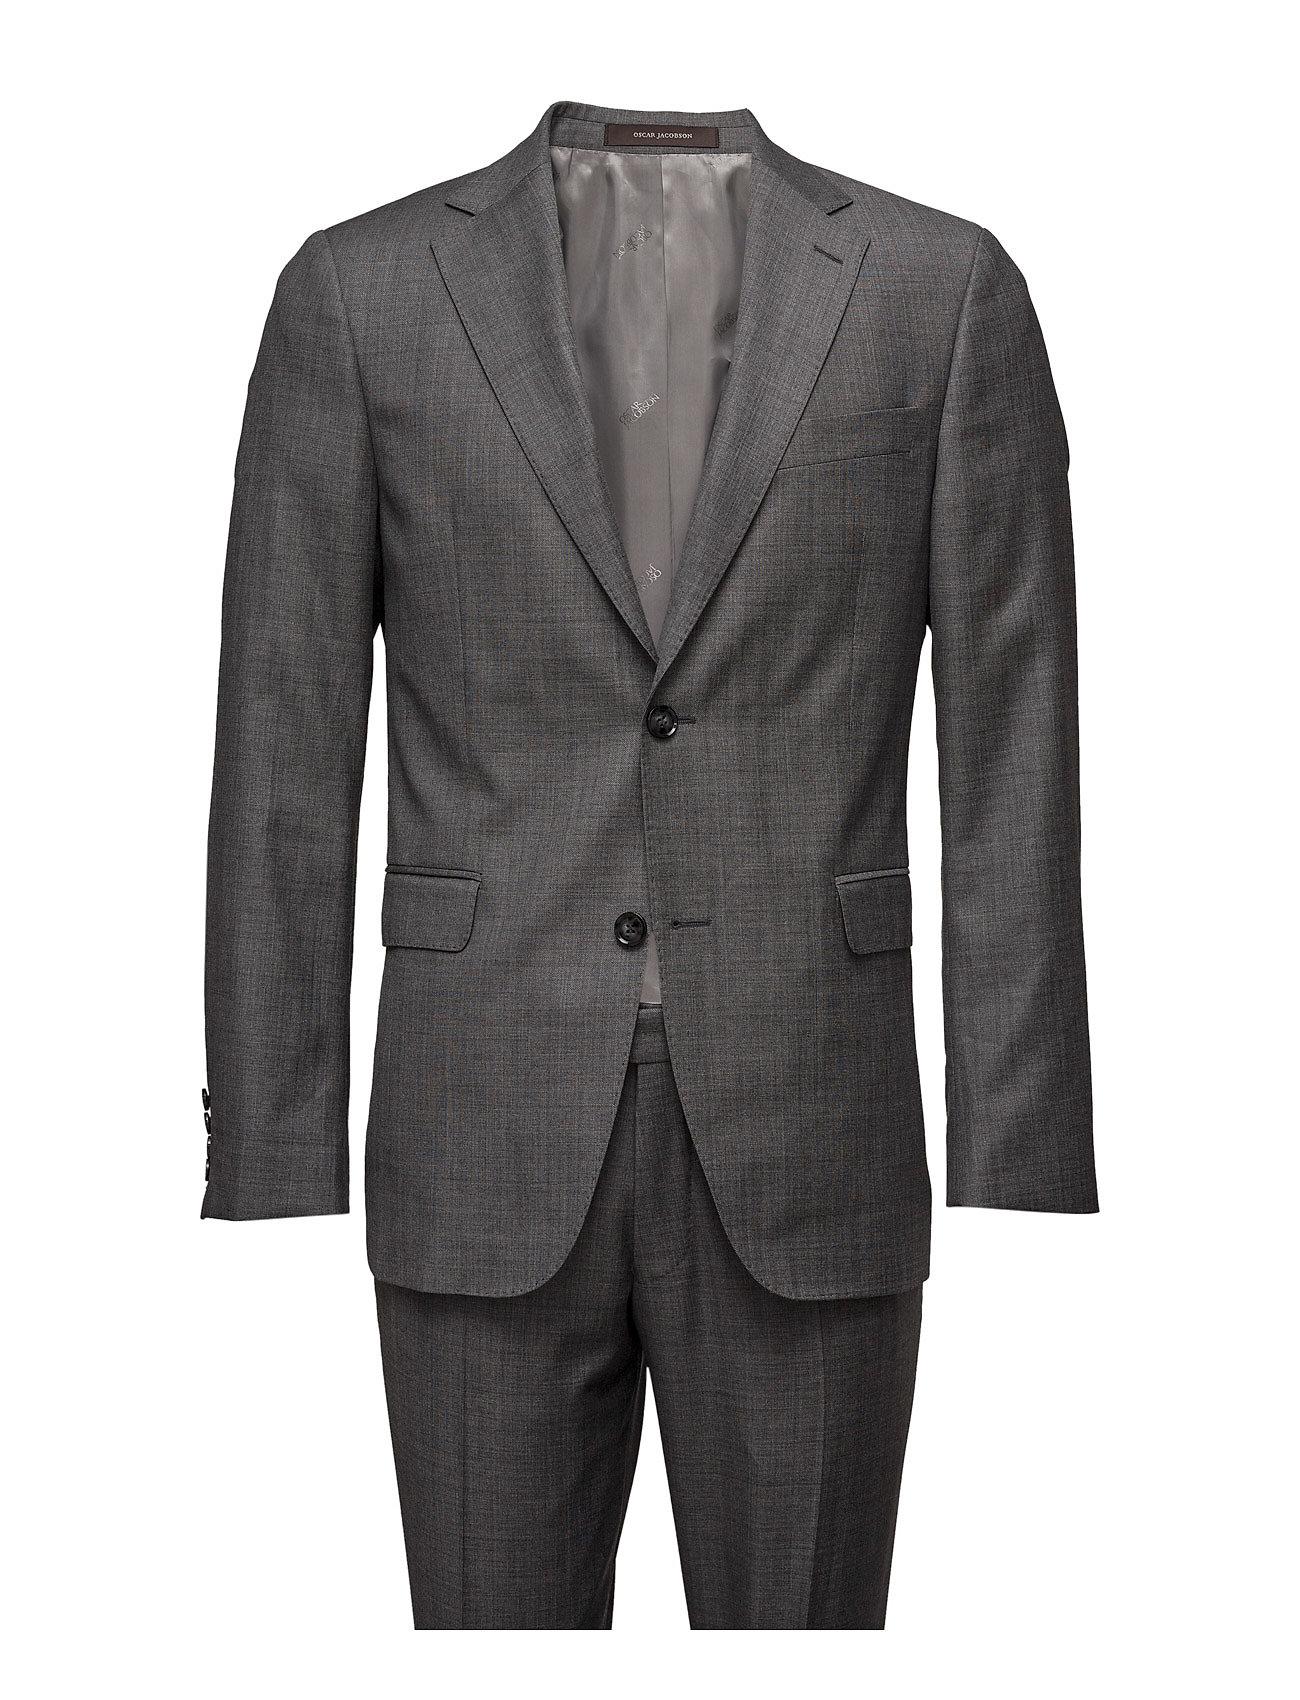 Falk Suit Oscar Jacobson Jakkesæt til Herrer i